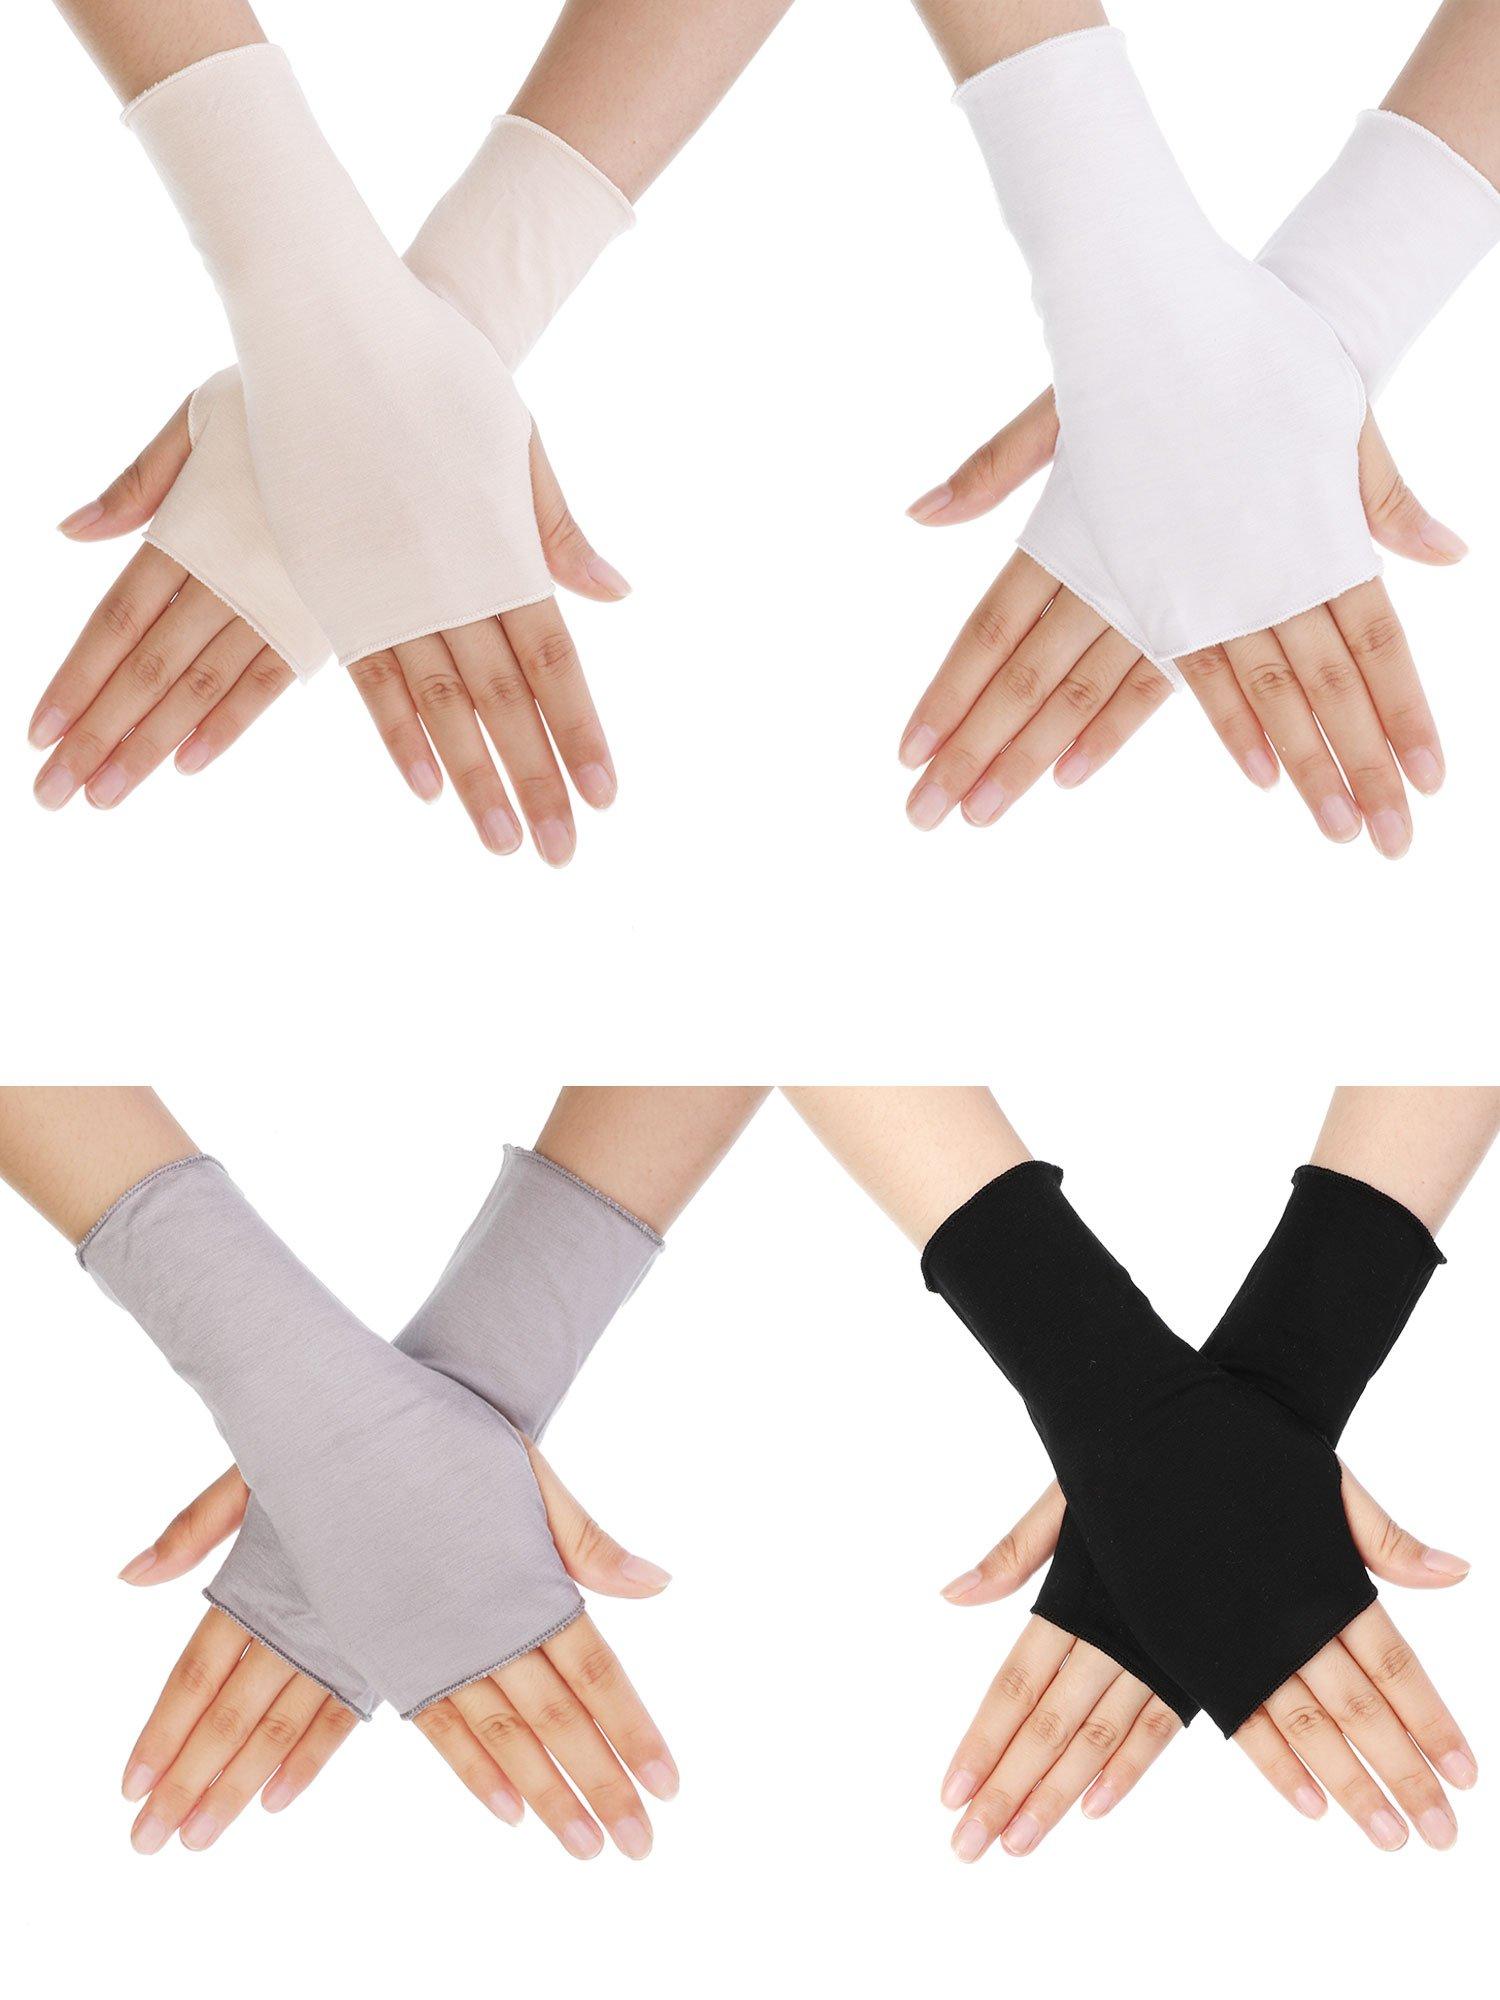 Bememo UV Protection Gloves Wrist Length Sun Block Driving Gloves Unisex Fingerless Glove (Color Set 19, Elbow length)